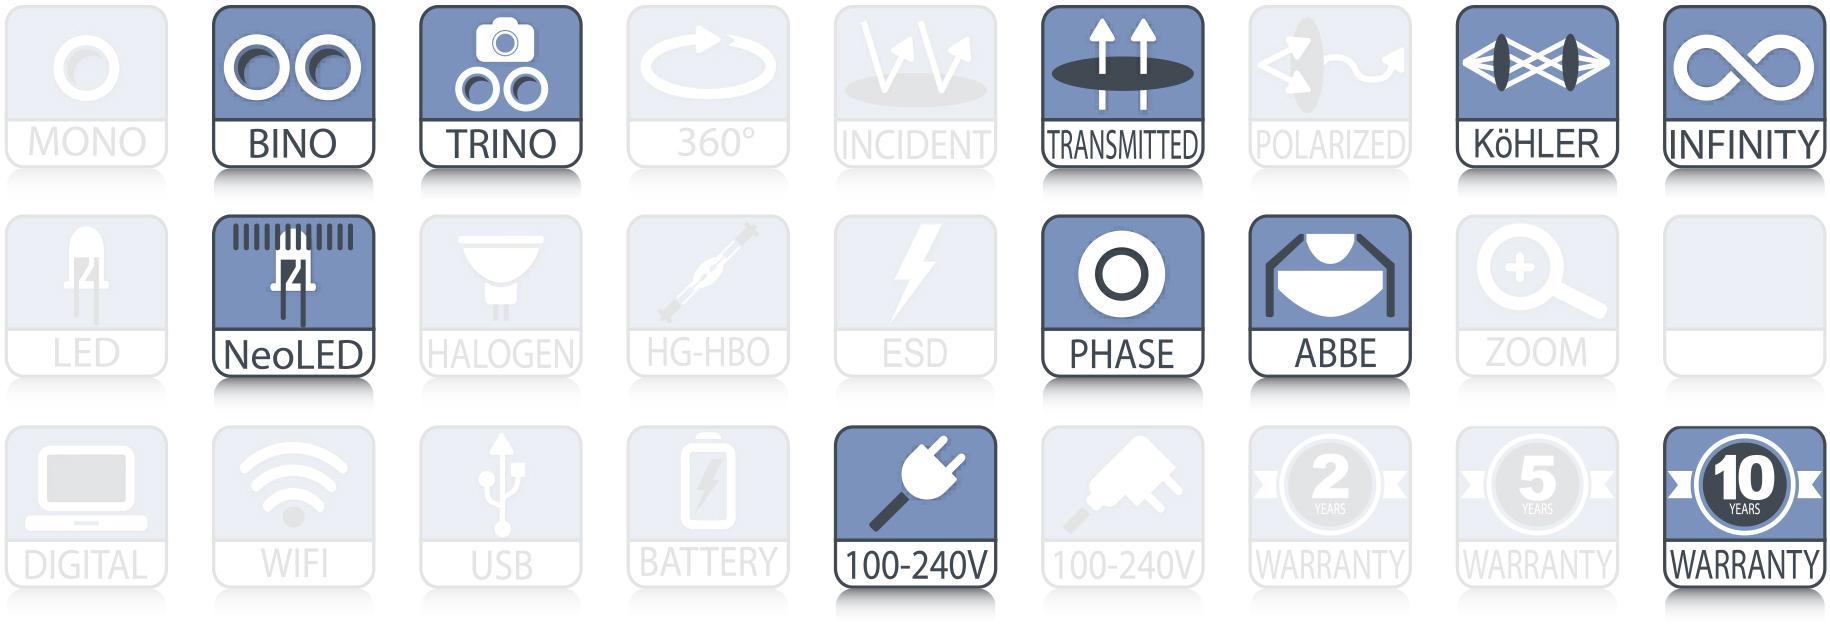 iscope_icons